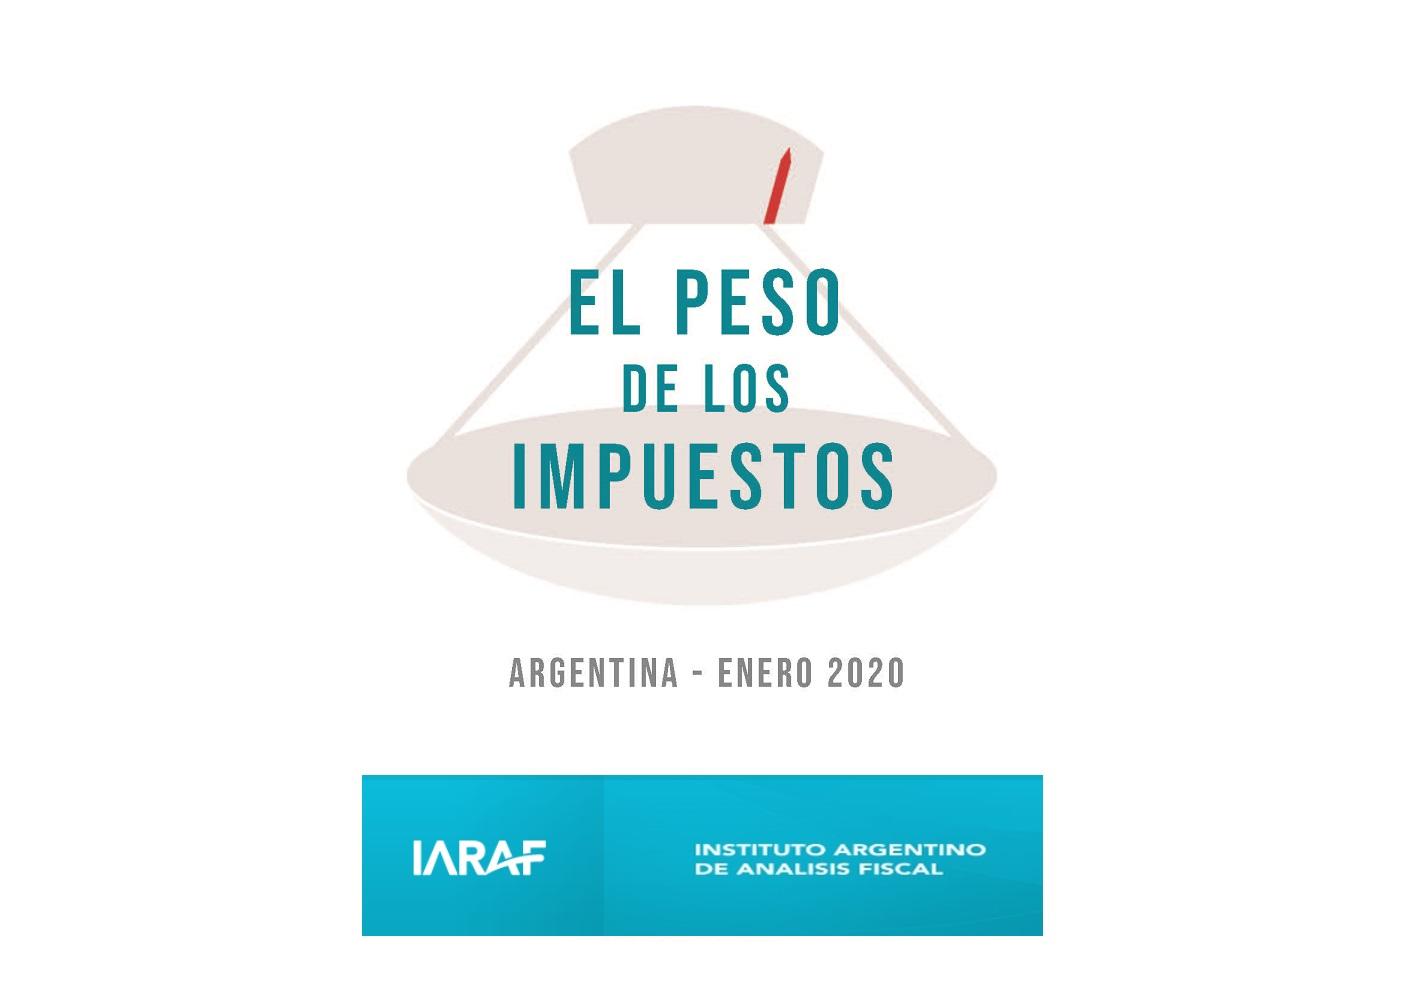 IARAF: Leche fresca de Precios Cuidados paga sin IVA 26% de impuestos